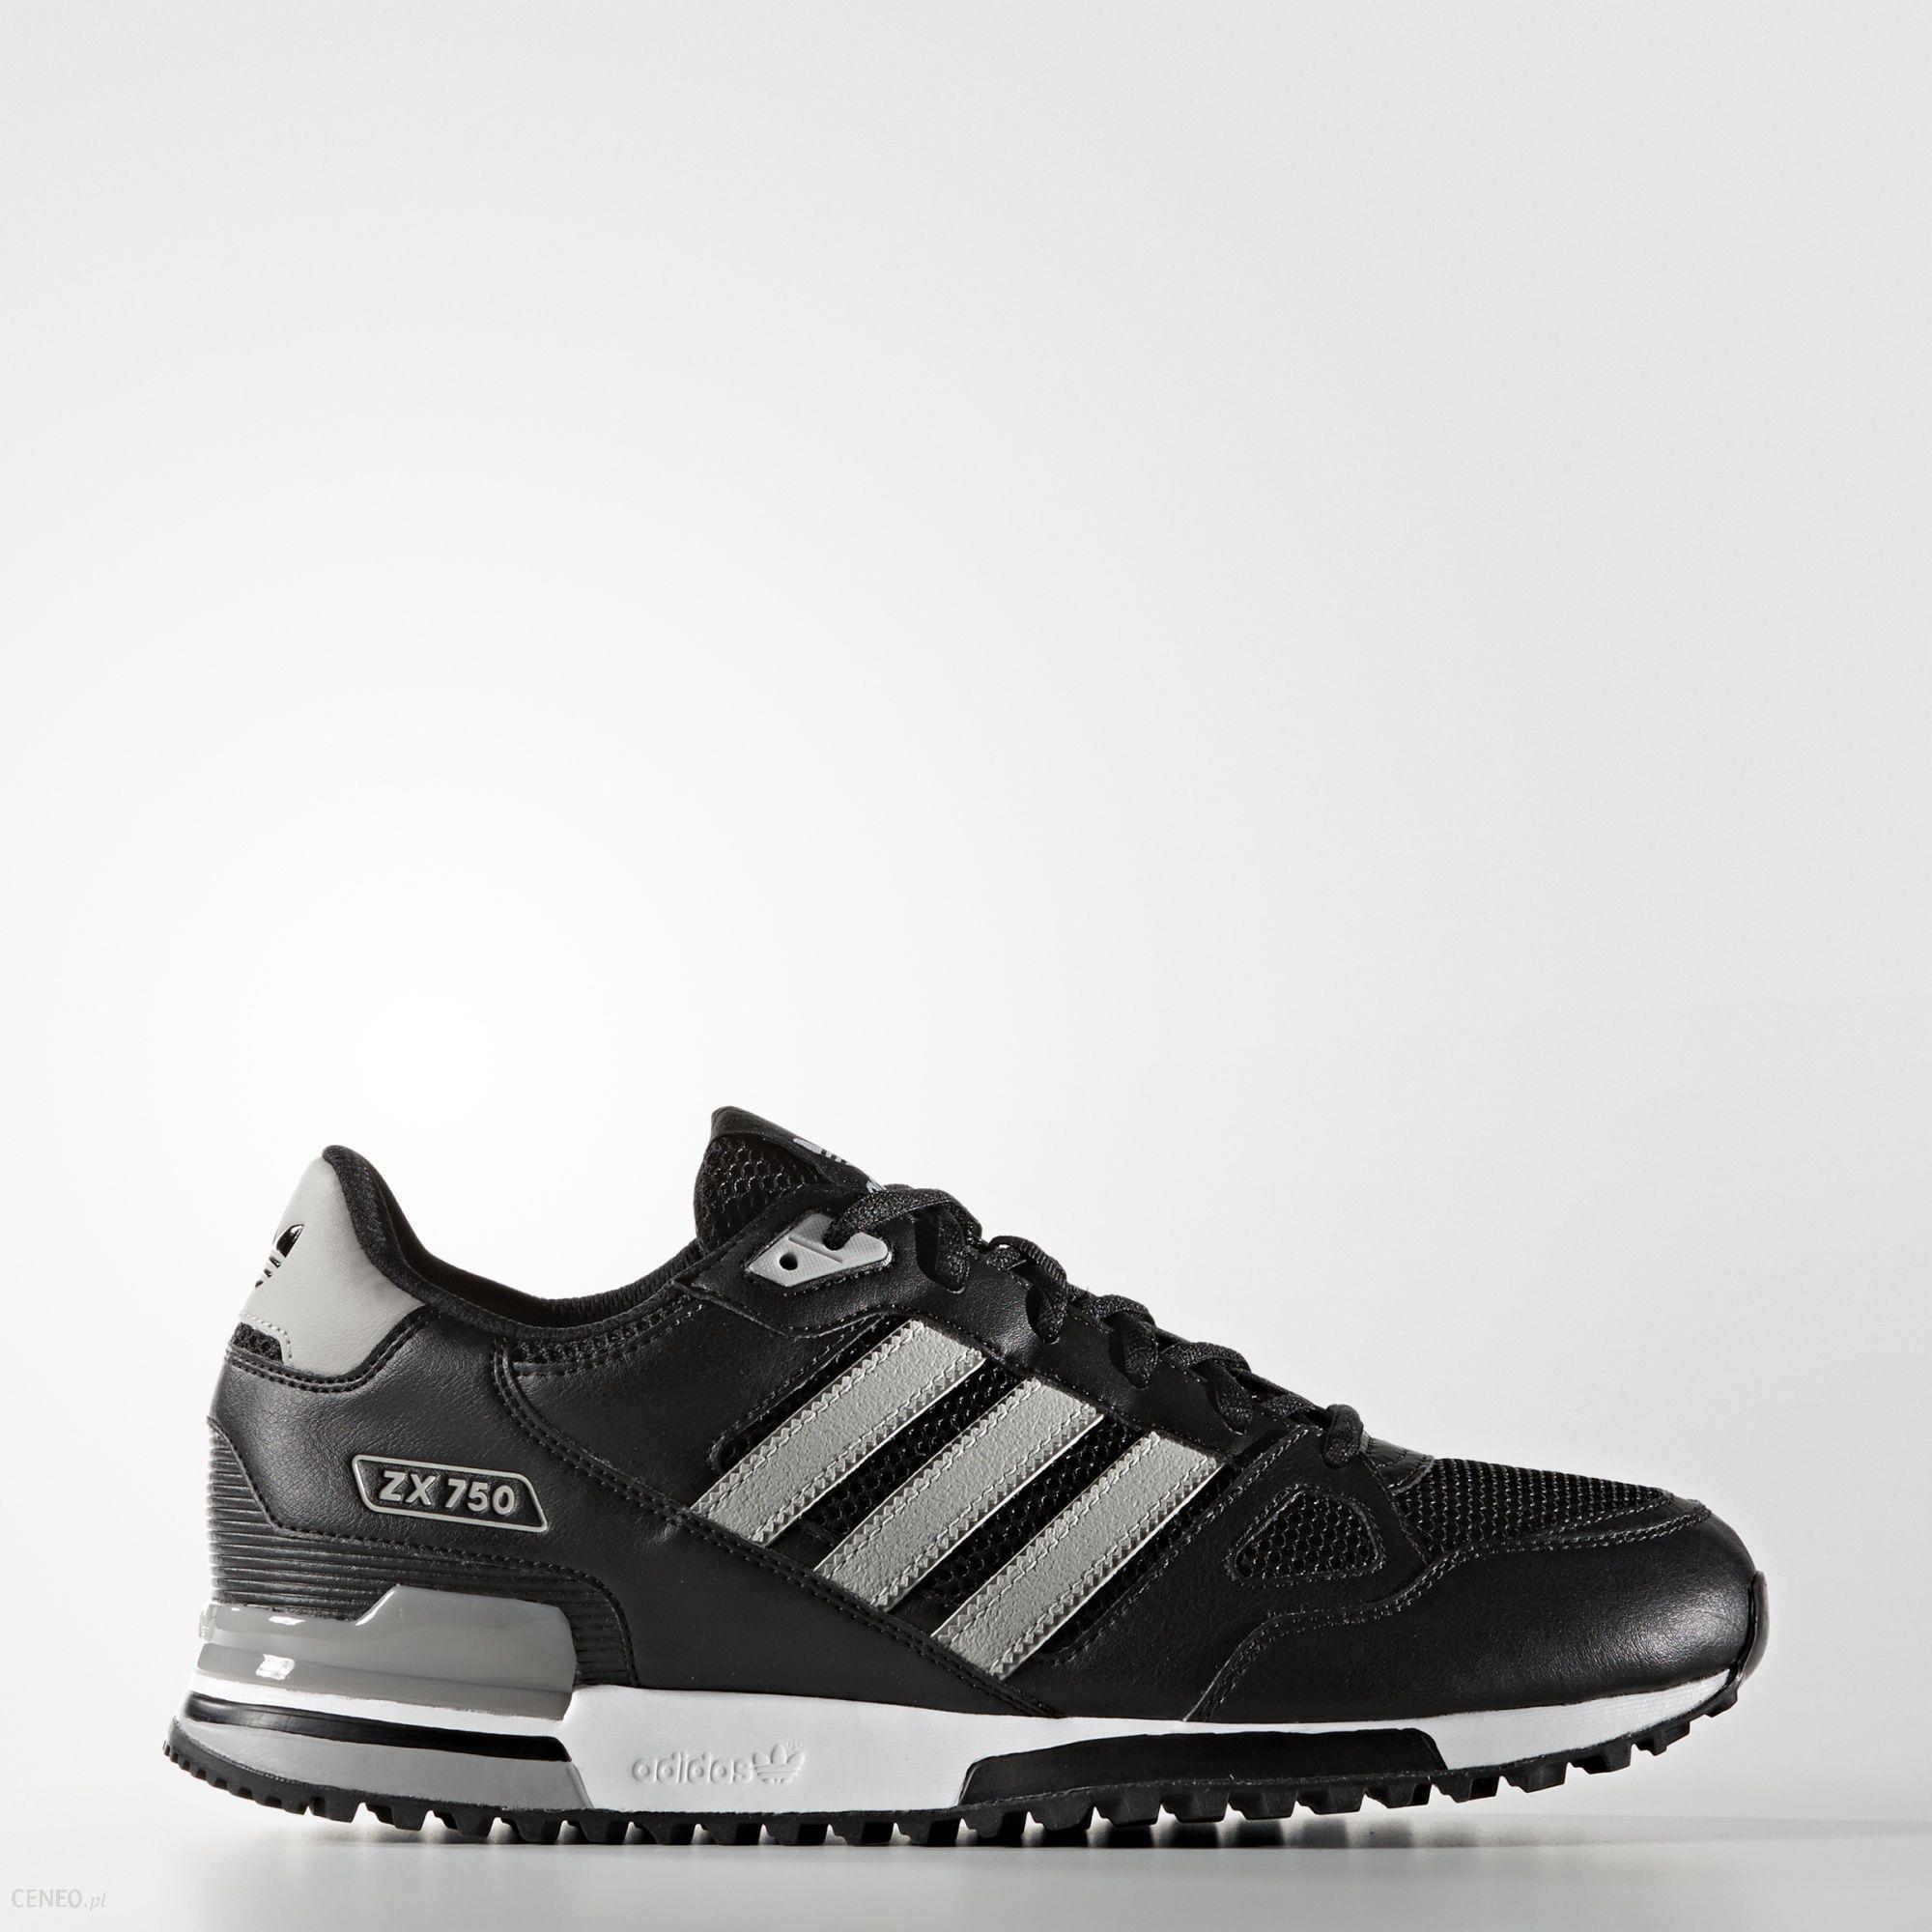 03a07f22b BUTY Adidas ZX 750 - Ceny i opinie - Ceneo.pl